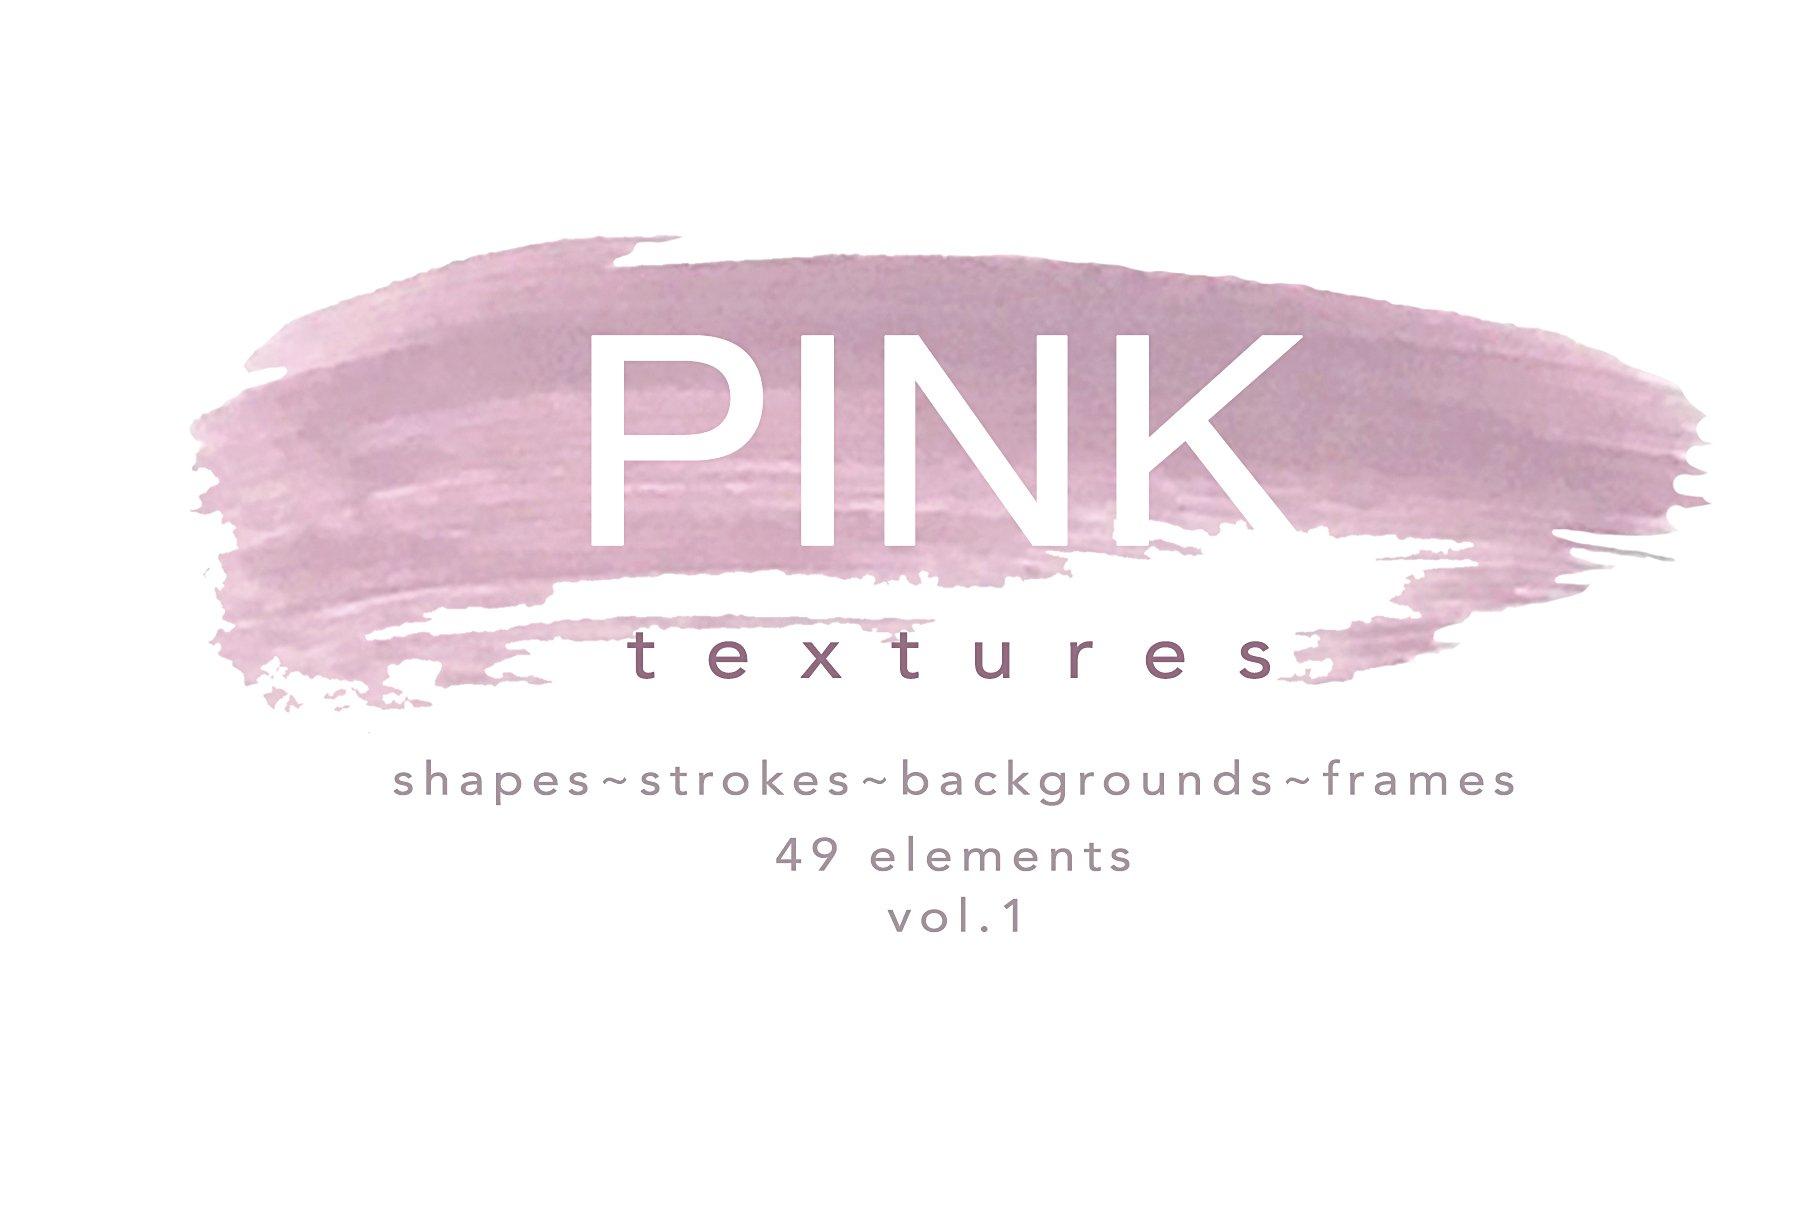 18个粉色画笔笔刷PNG纹理素材 PINK Textures Vol.1插图